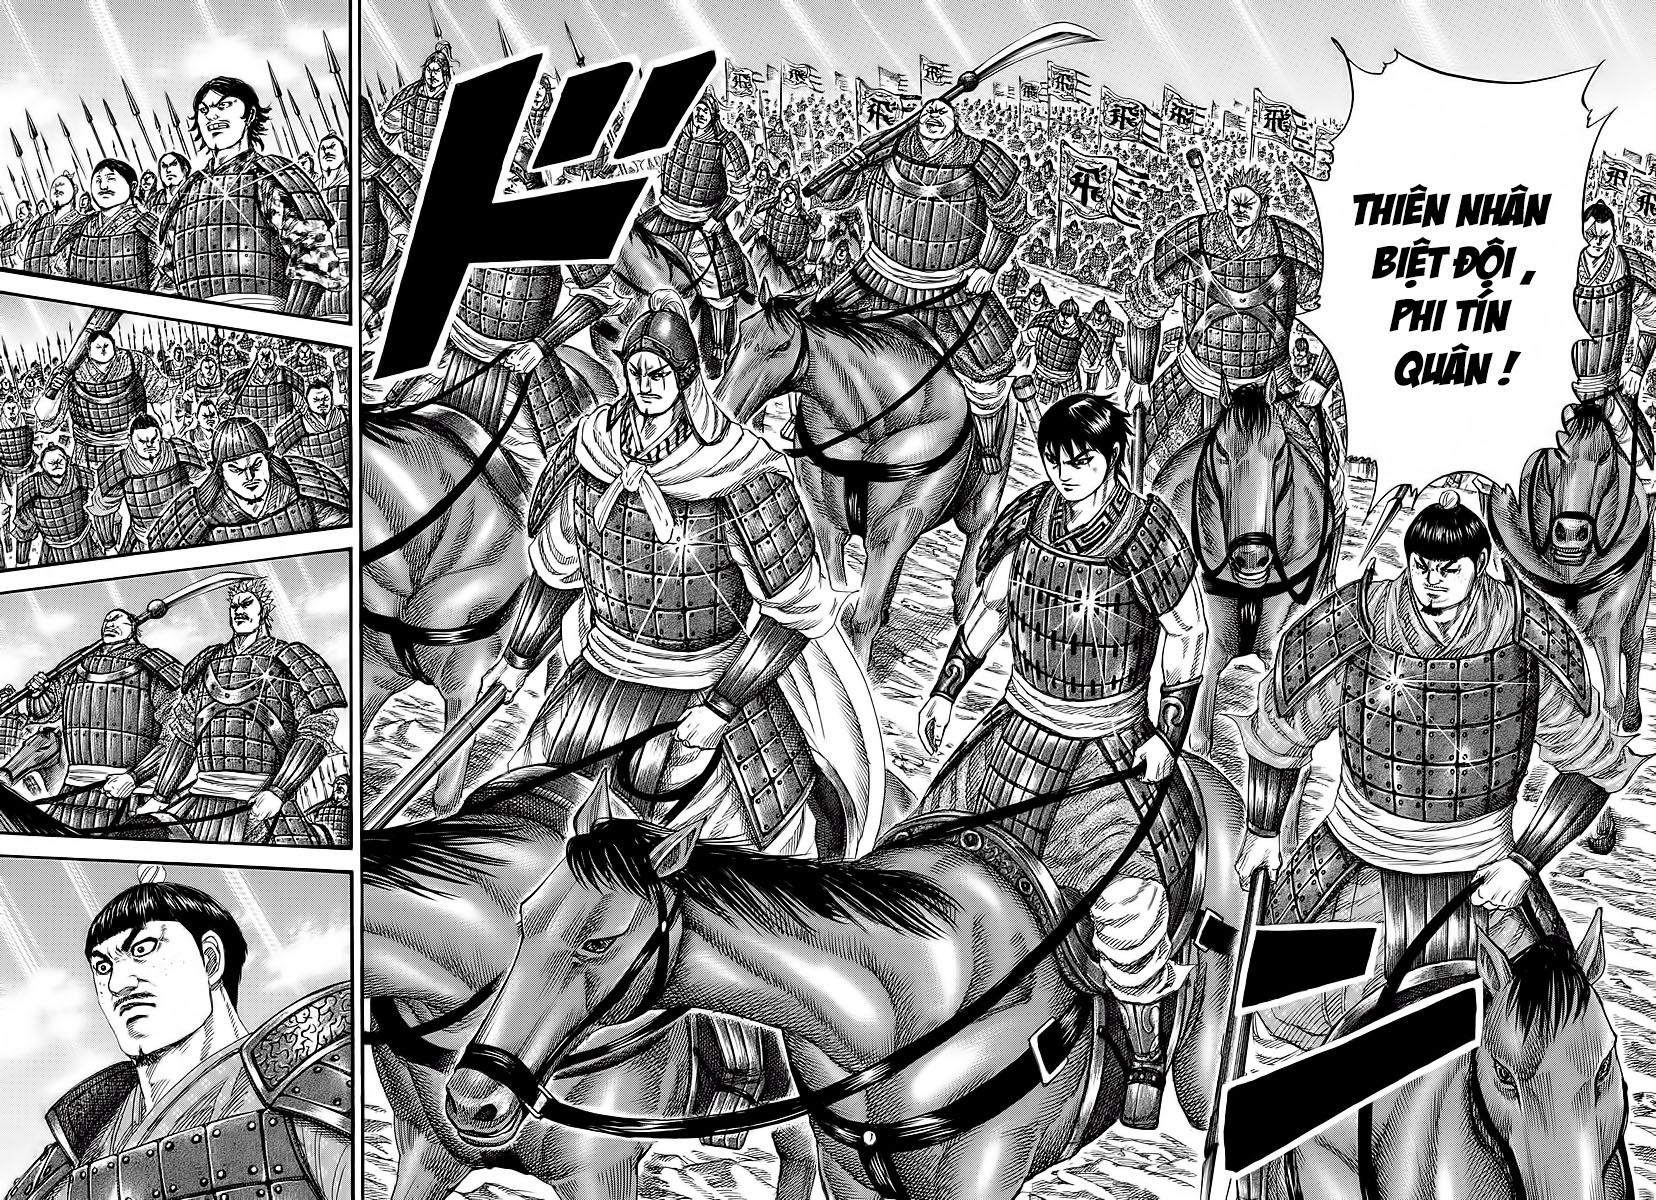 Kingdom – Vương Giả Thiên Hạ (Tổng Hợp) chap 244 page 7 - IZTruyenTranh.com